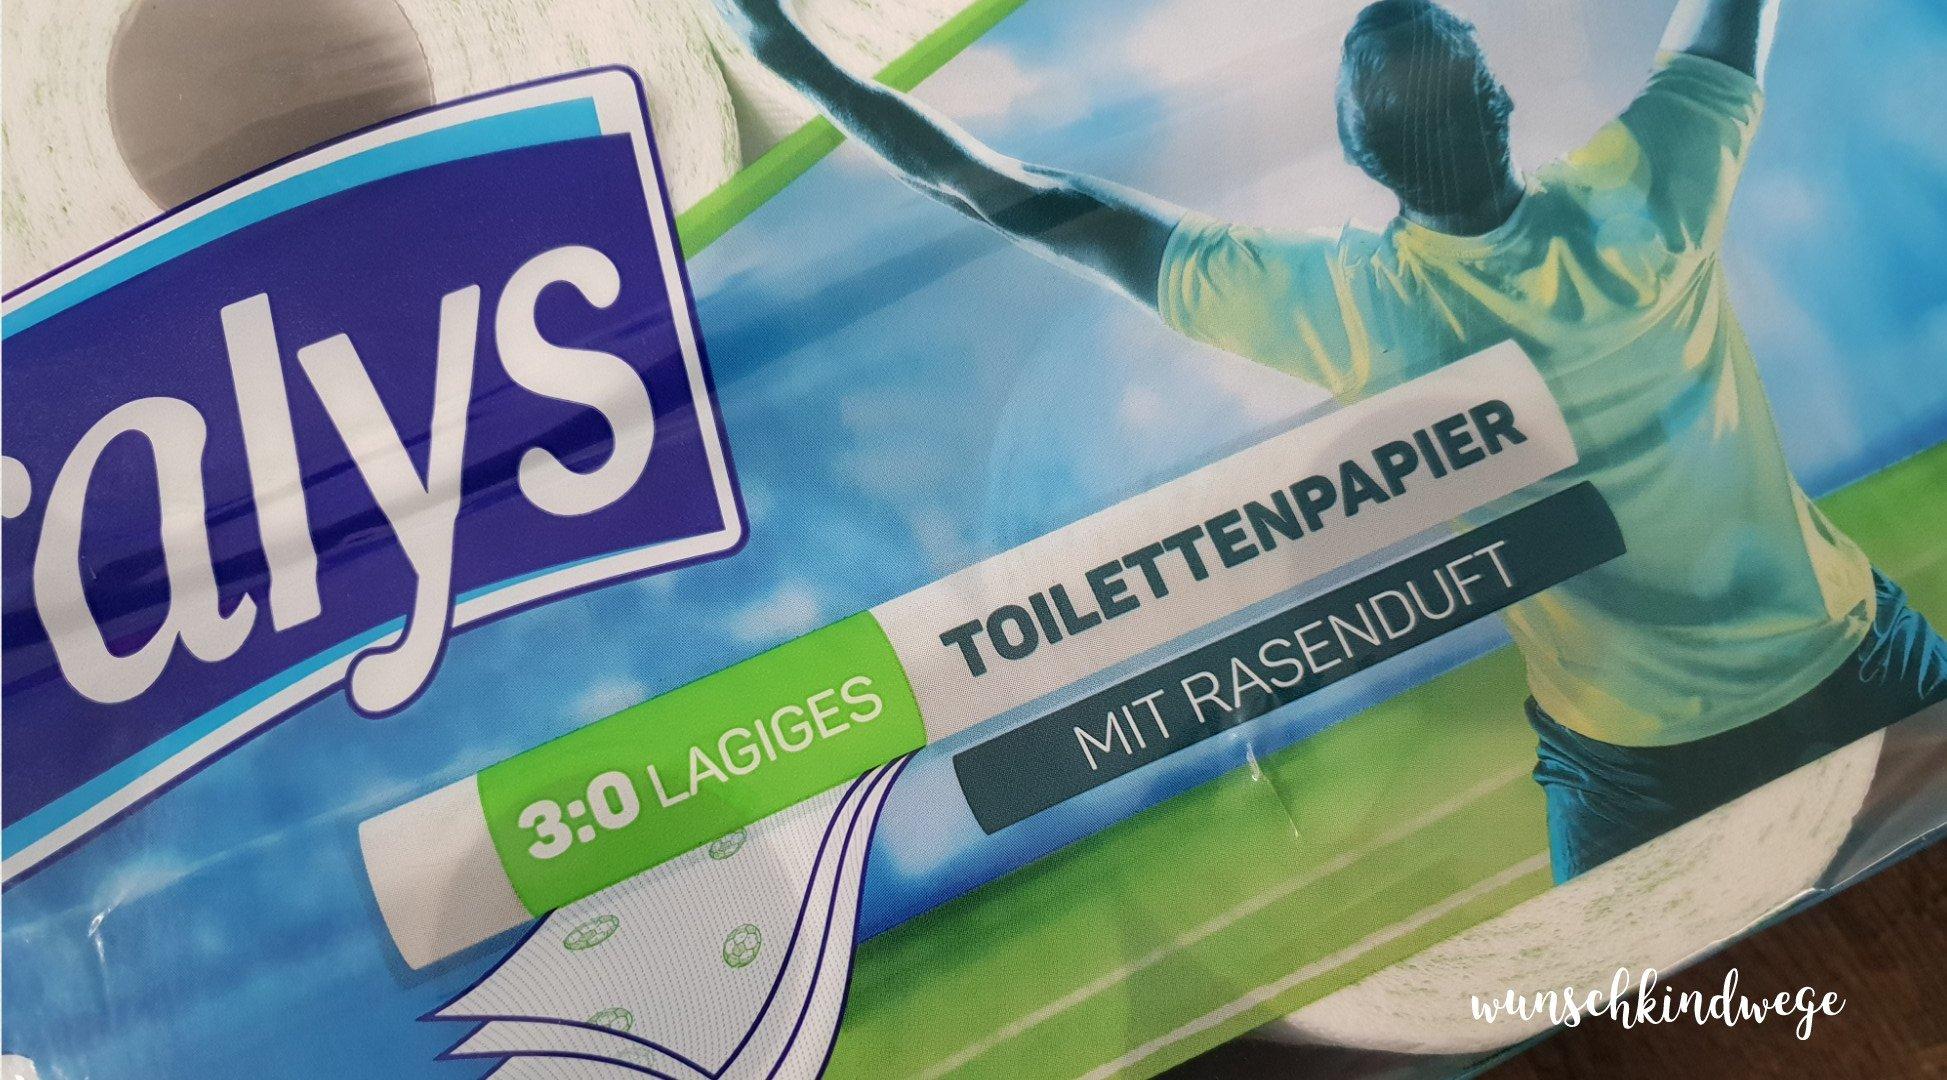 WMDEDGT Toilettenpapier mit Rasenduft